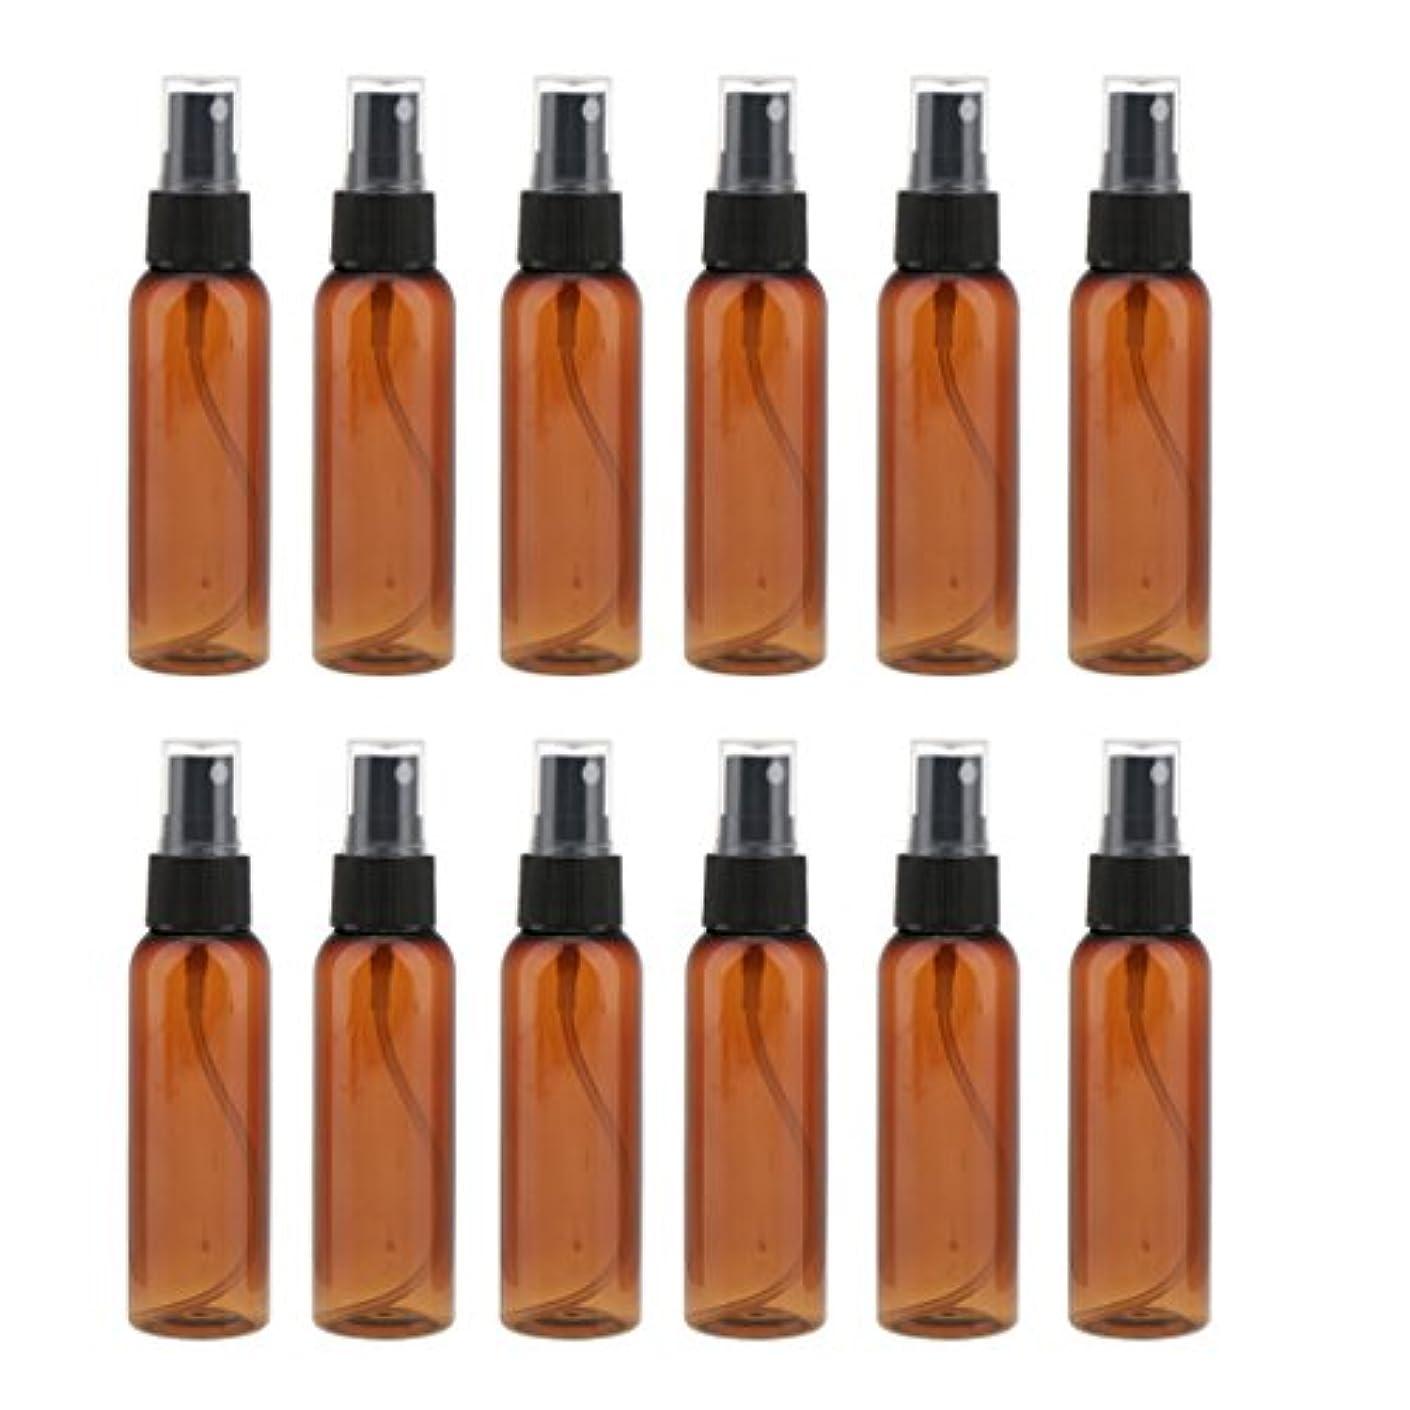 卒業限定ミッションSharplace 12本の茶色のcomestic空のスプレーボトルの香水クリームアトマイザー60ml - ブラック